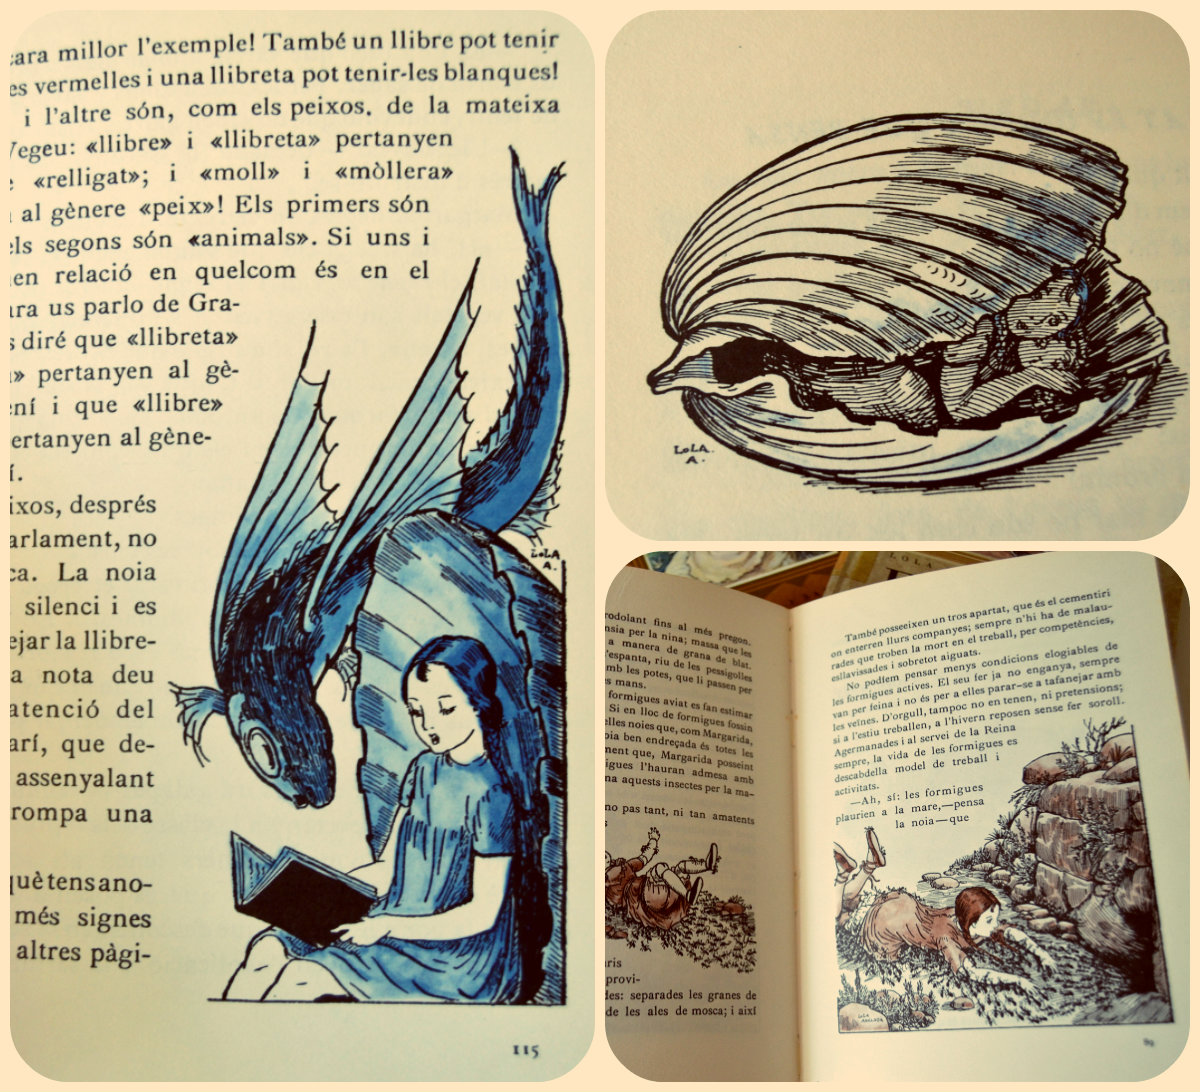 Libros, ilustraciones, Lola Anglada, Narcis, Margarida, En peret